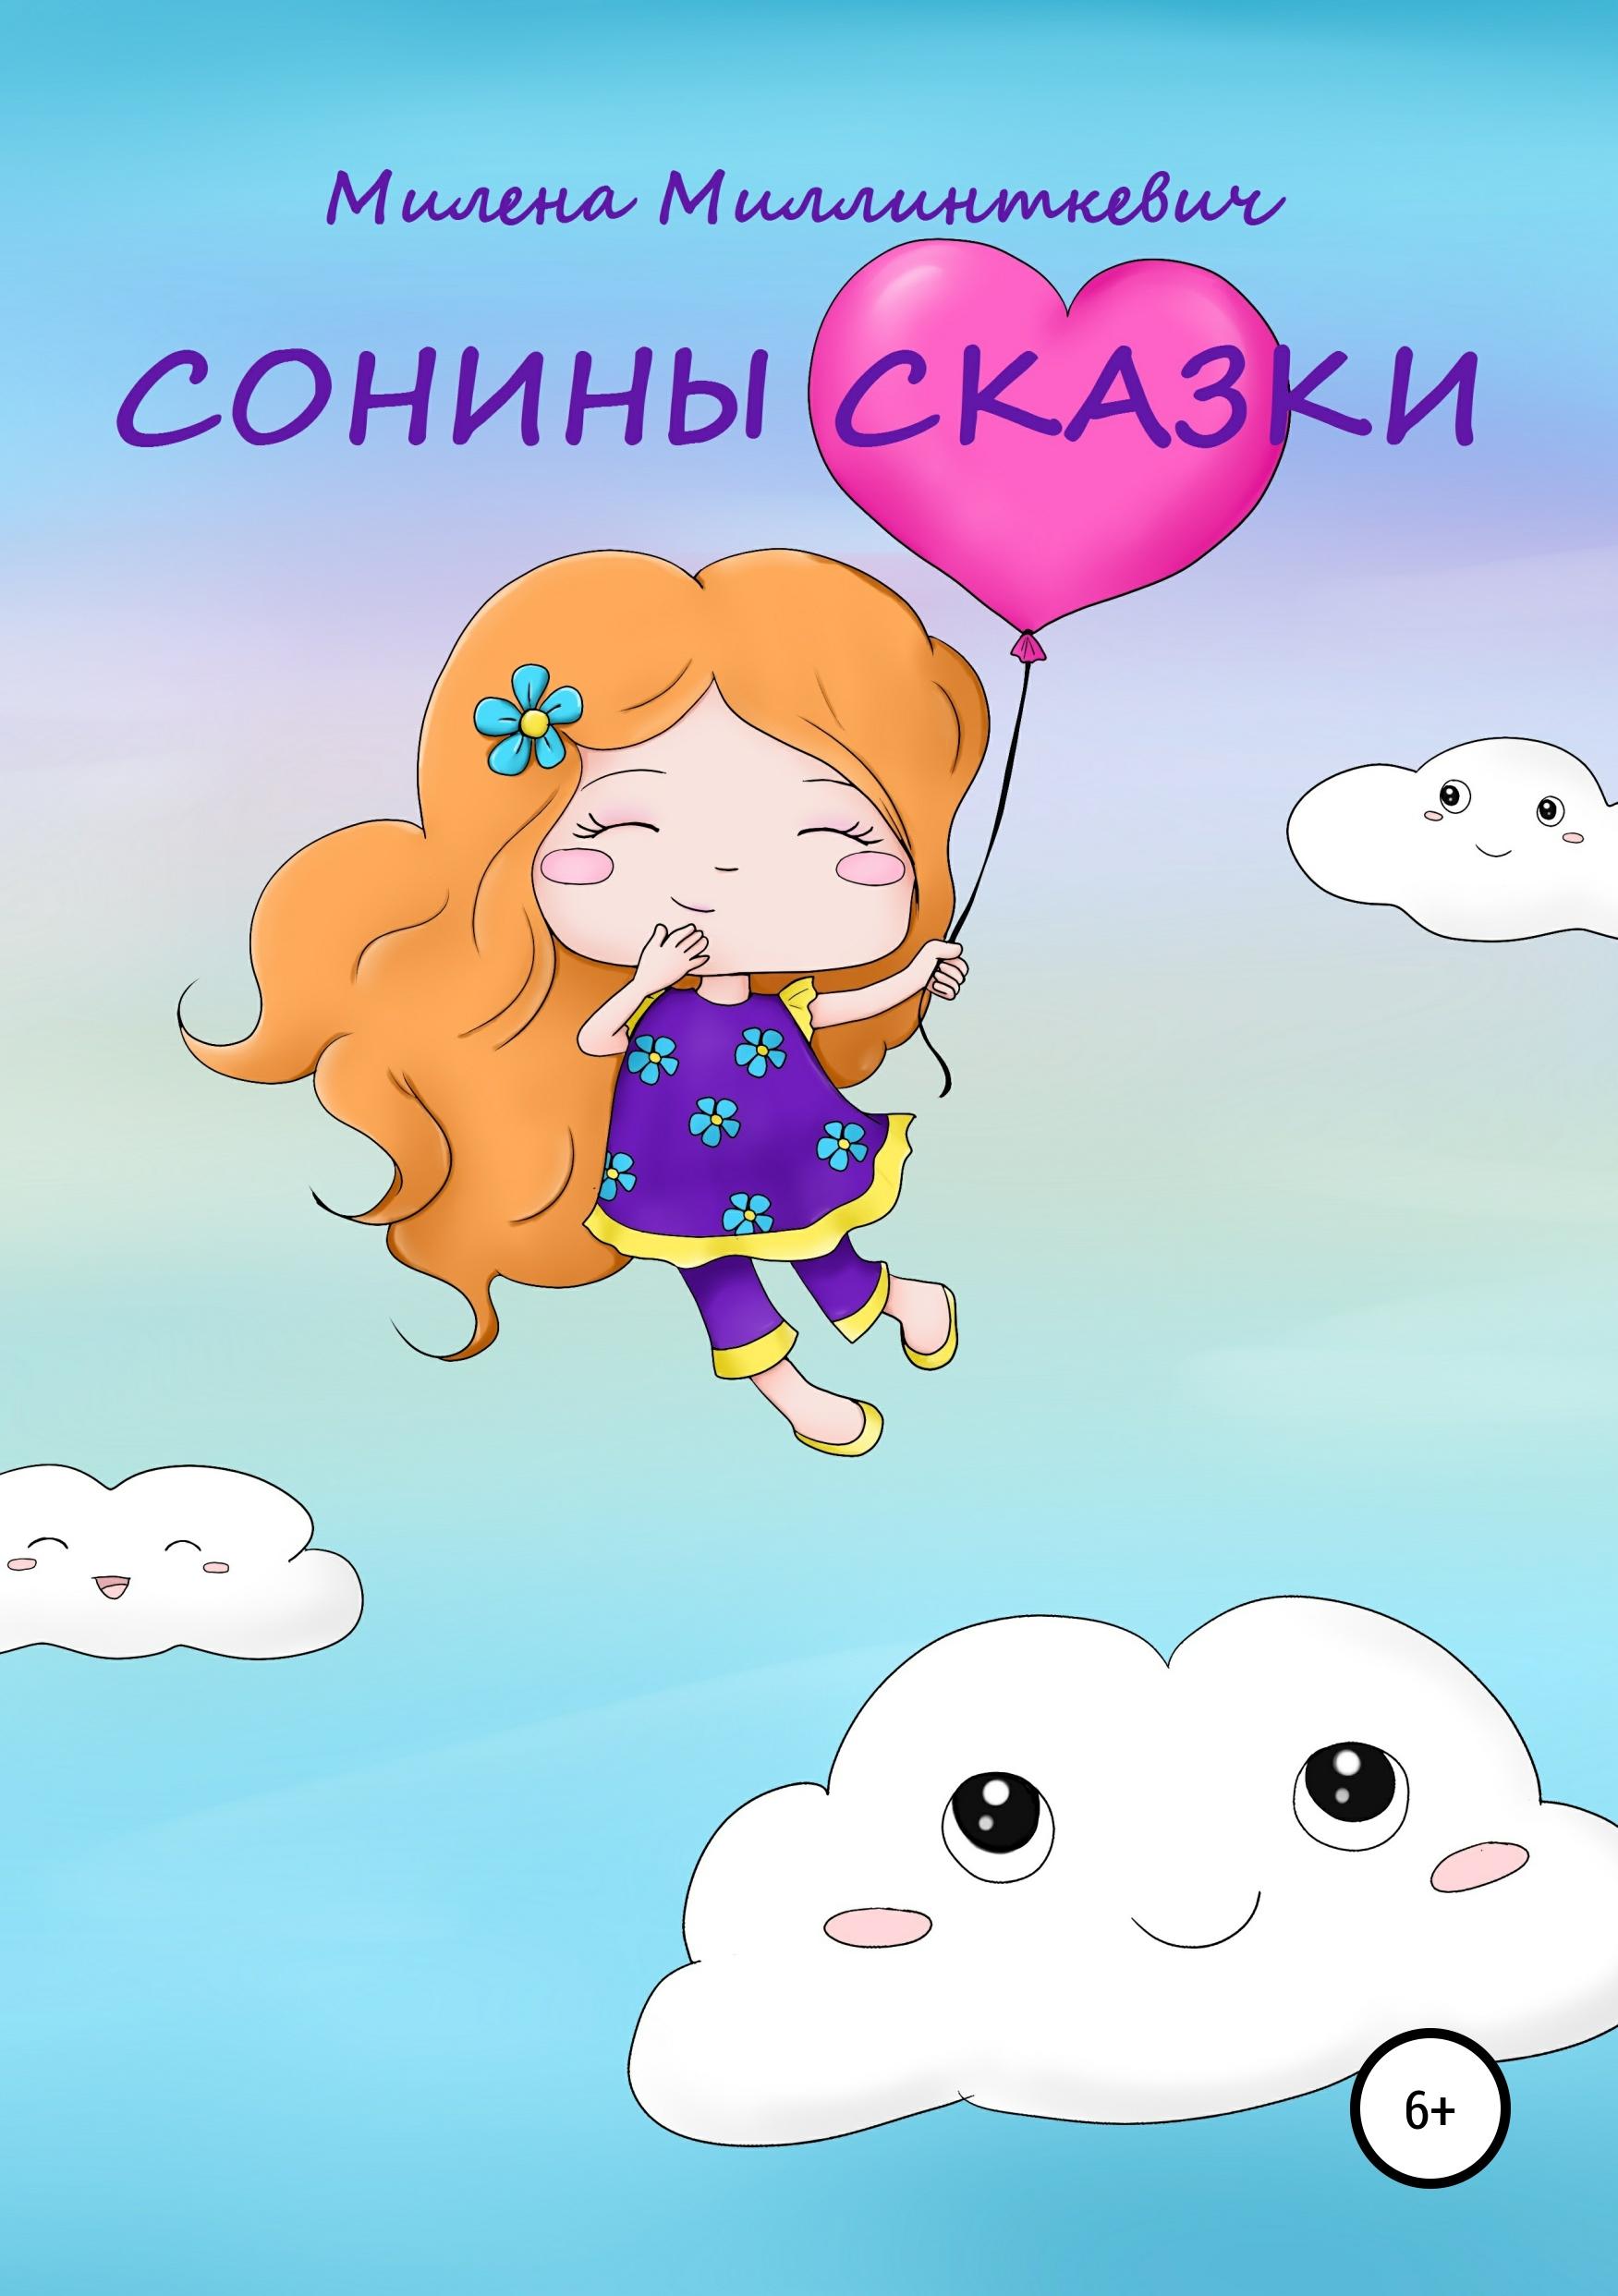 цена на Милена Миллинткевич Сонины сказки